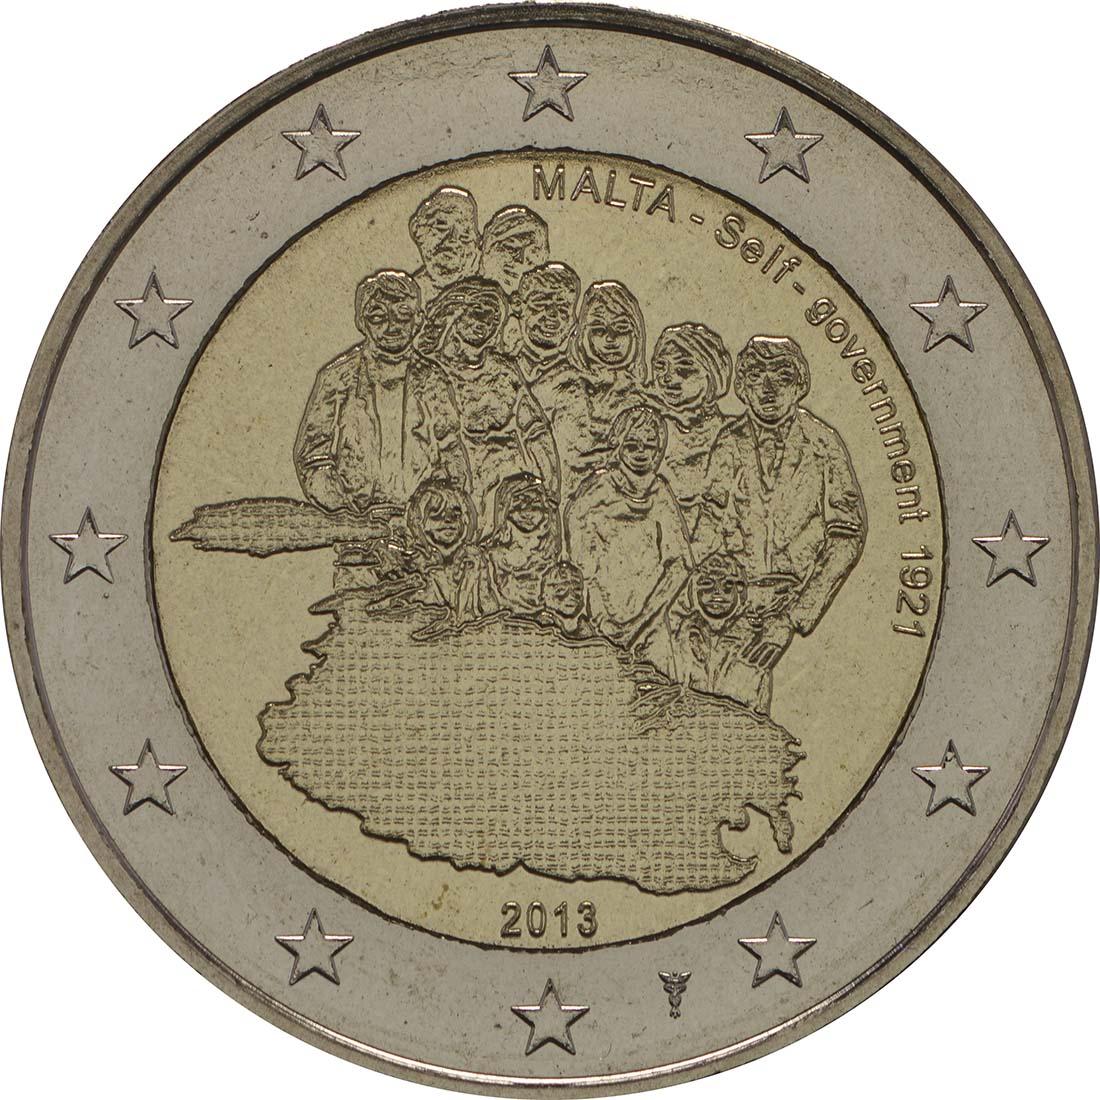 2 Euro Münze Malta Ebay Kleinanzeigen